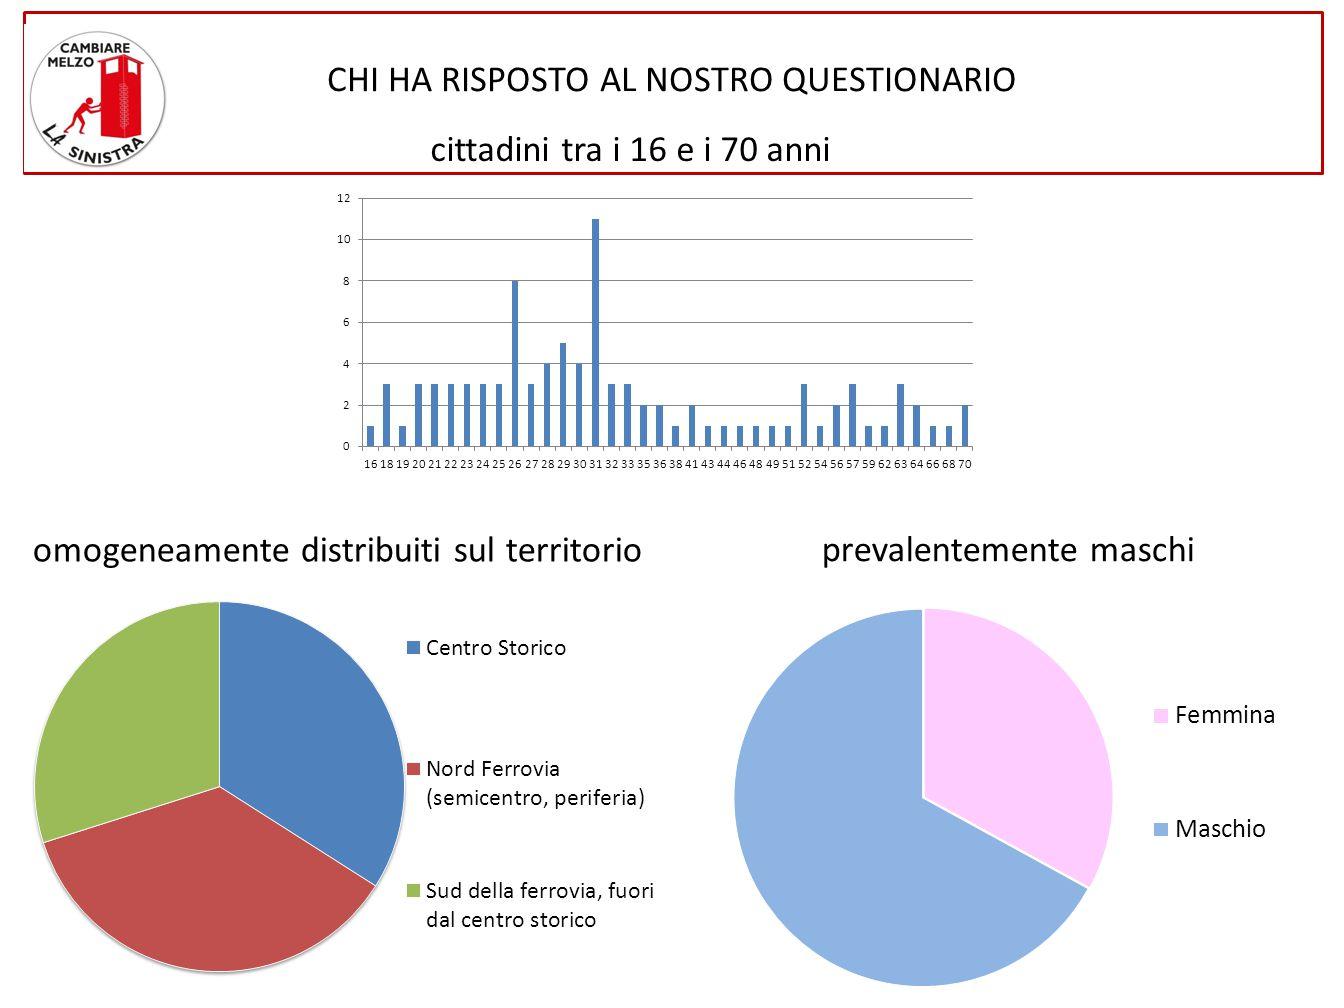 CHI HA RISPOSTO AL NOSTRO QUESTIONARIO omogeneamente distribuiti sul territorio cittadini tra i 16 e i 70 anni prevalentemente maschi